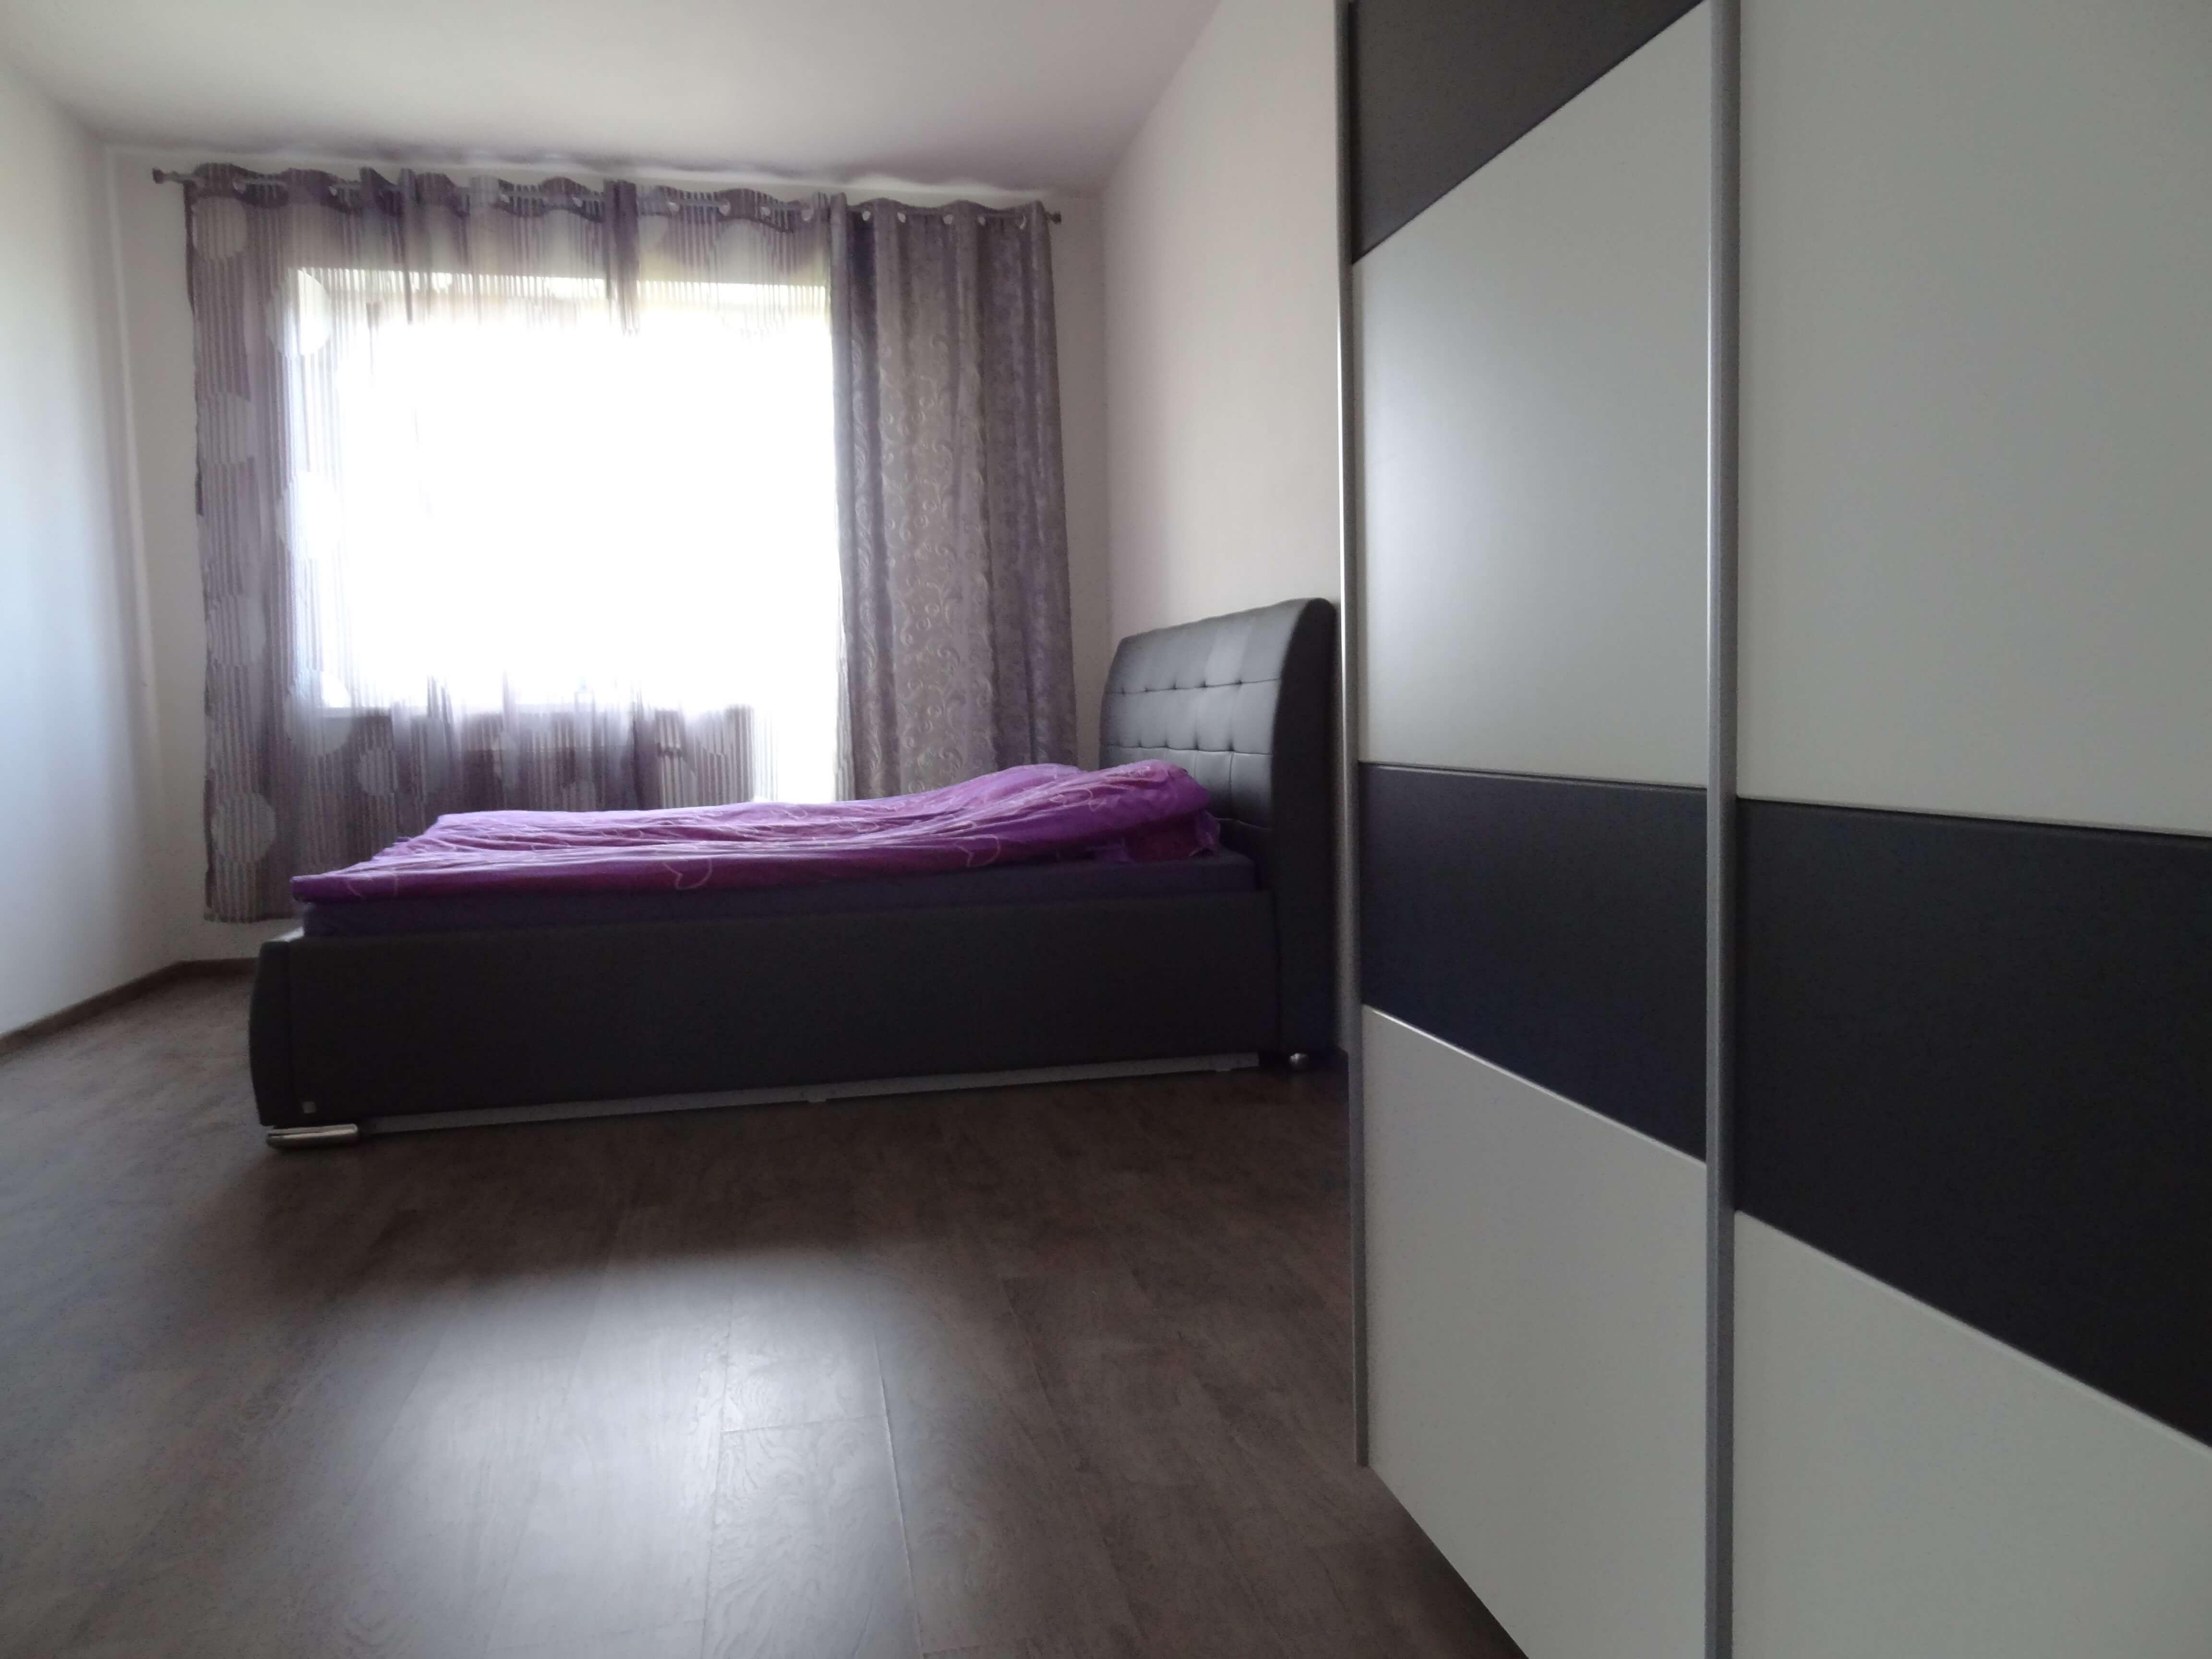 Predaný: Exkluzívne na predaj 3 Izbový byt v novostavbe, 87,2m2, loggia 7,4m2, Družstevná, Hamuliakovo-23